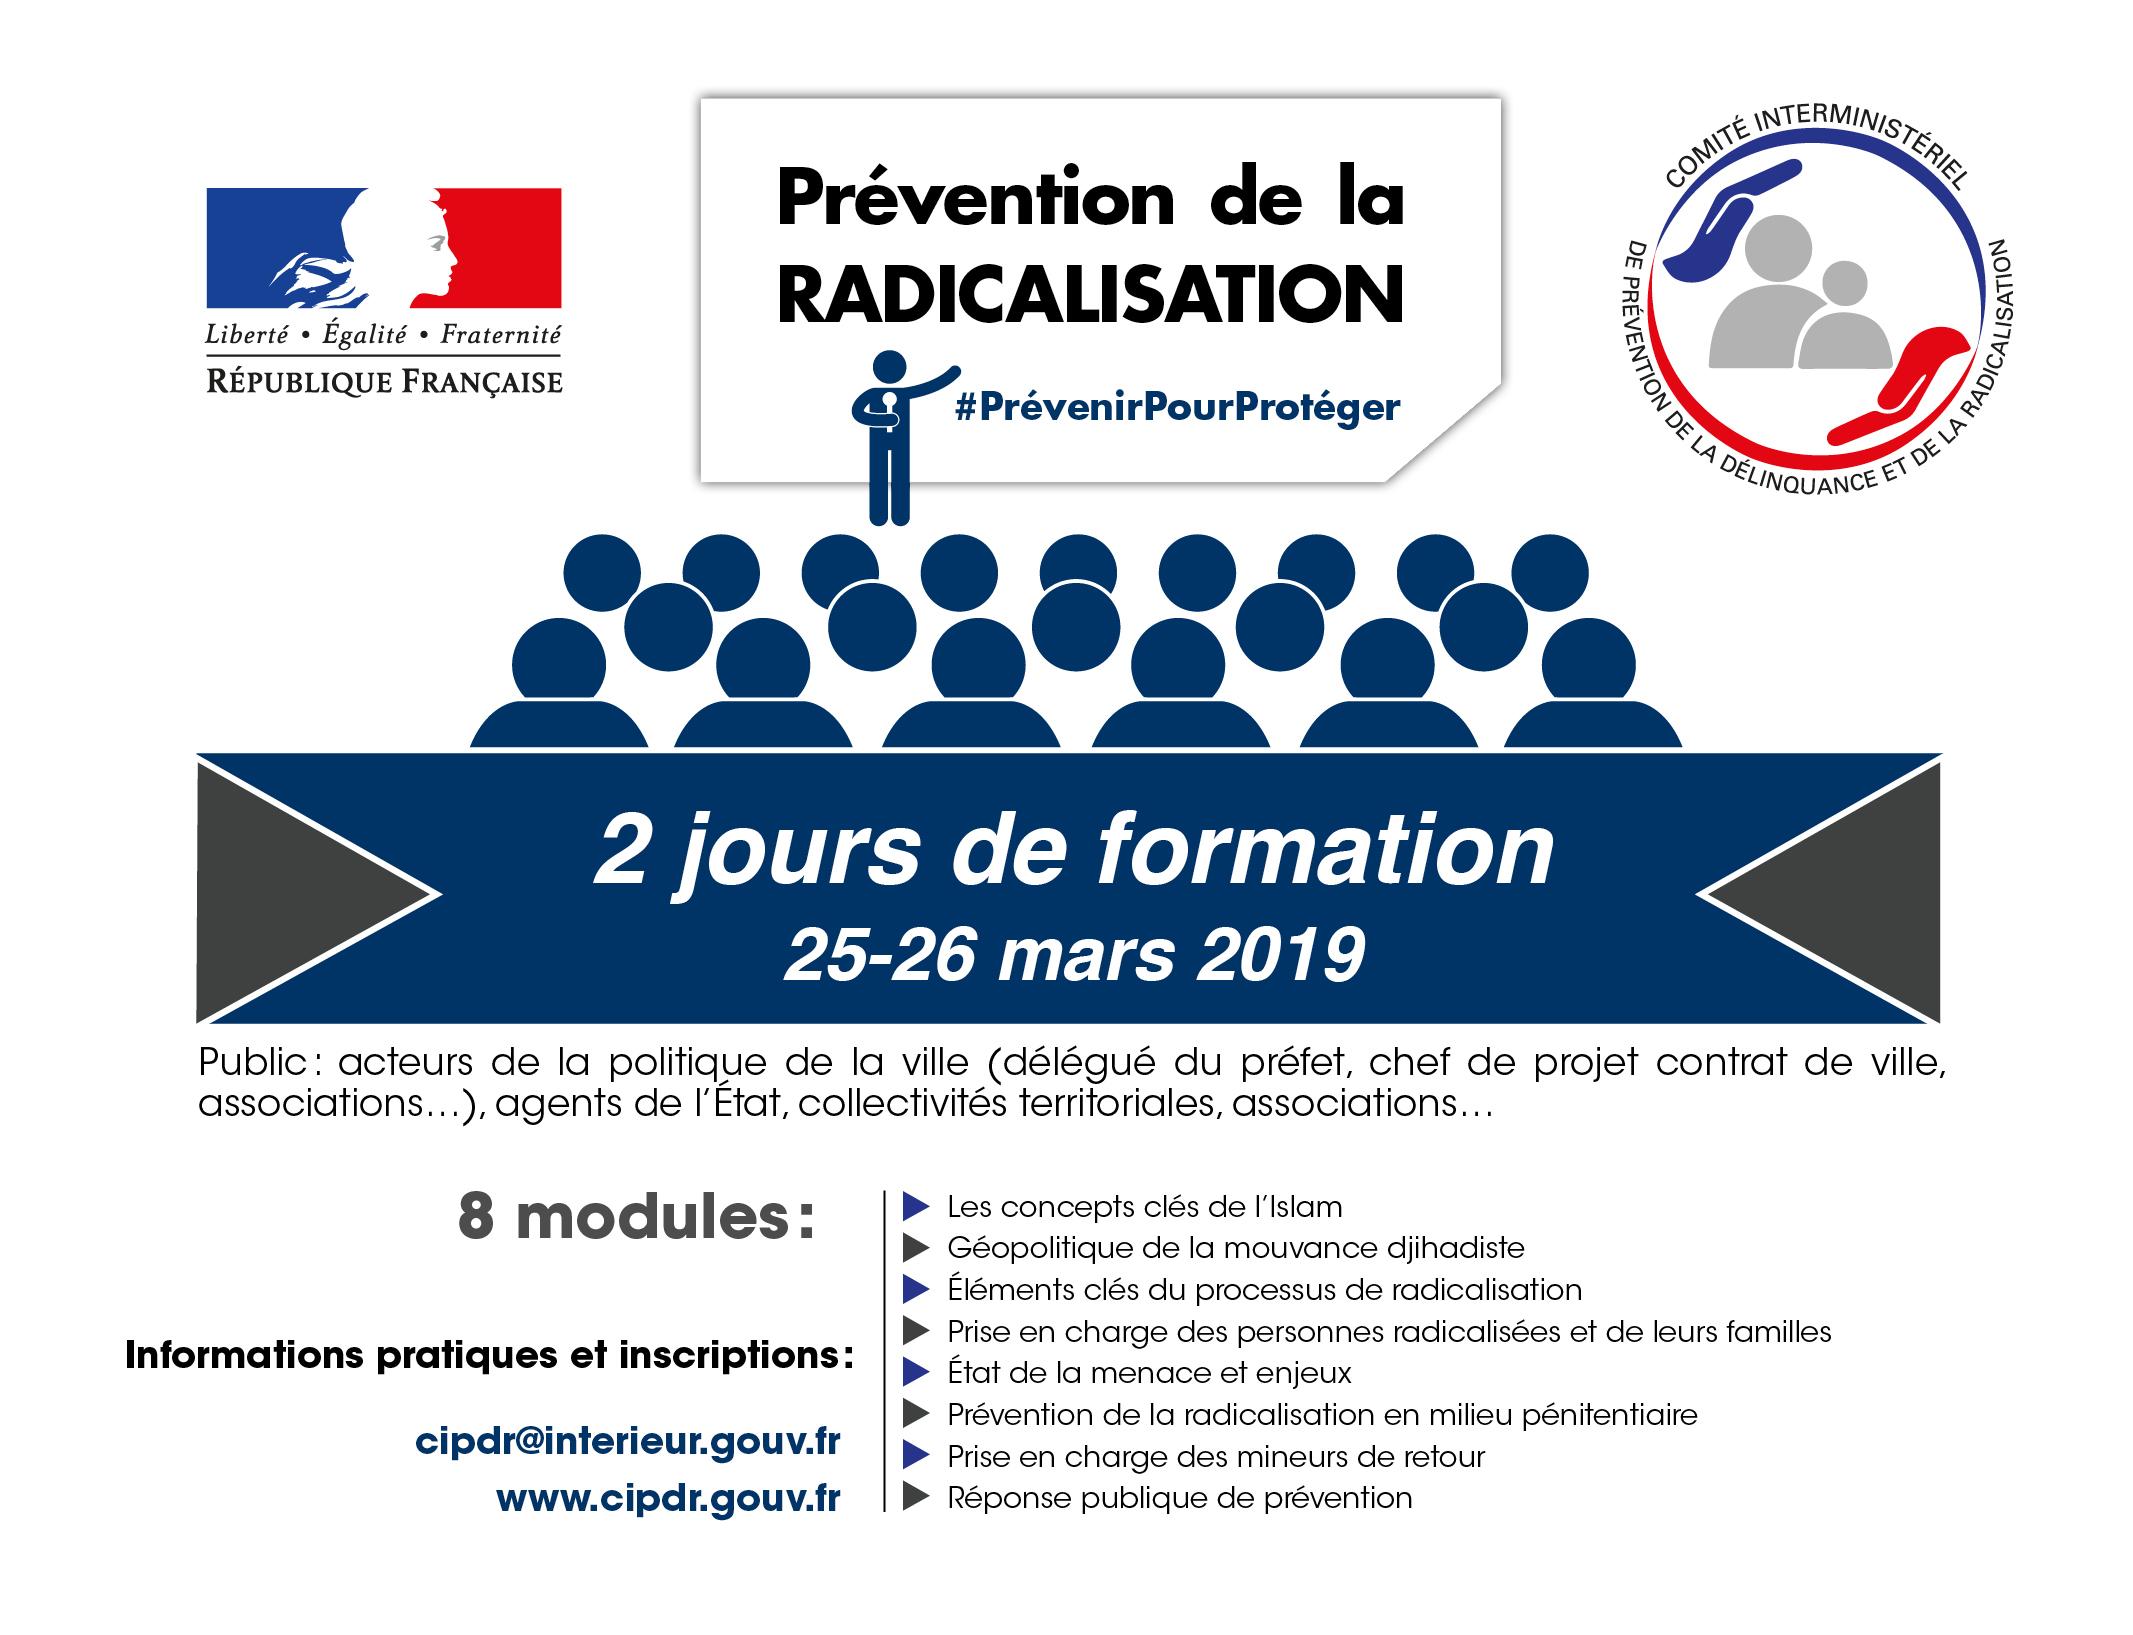 25/26 mars : PROCHAINE SESSION DE FORMATION ET NOUVEAU PROGRAMME